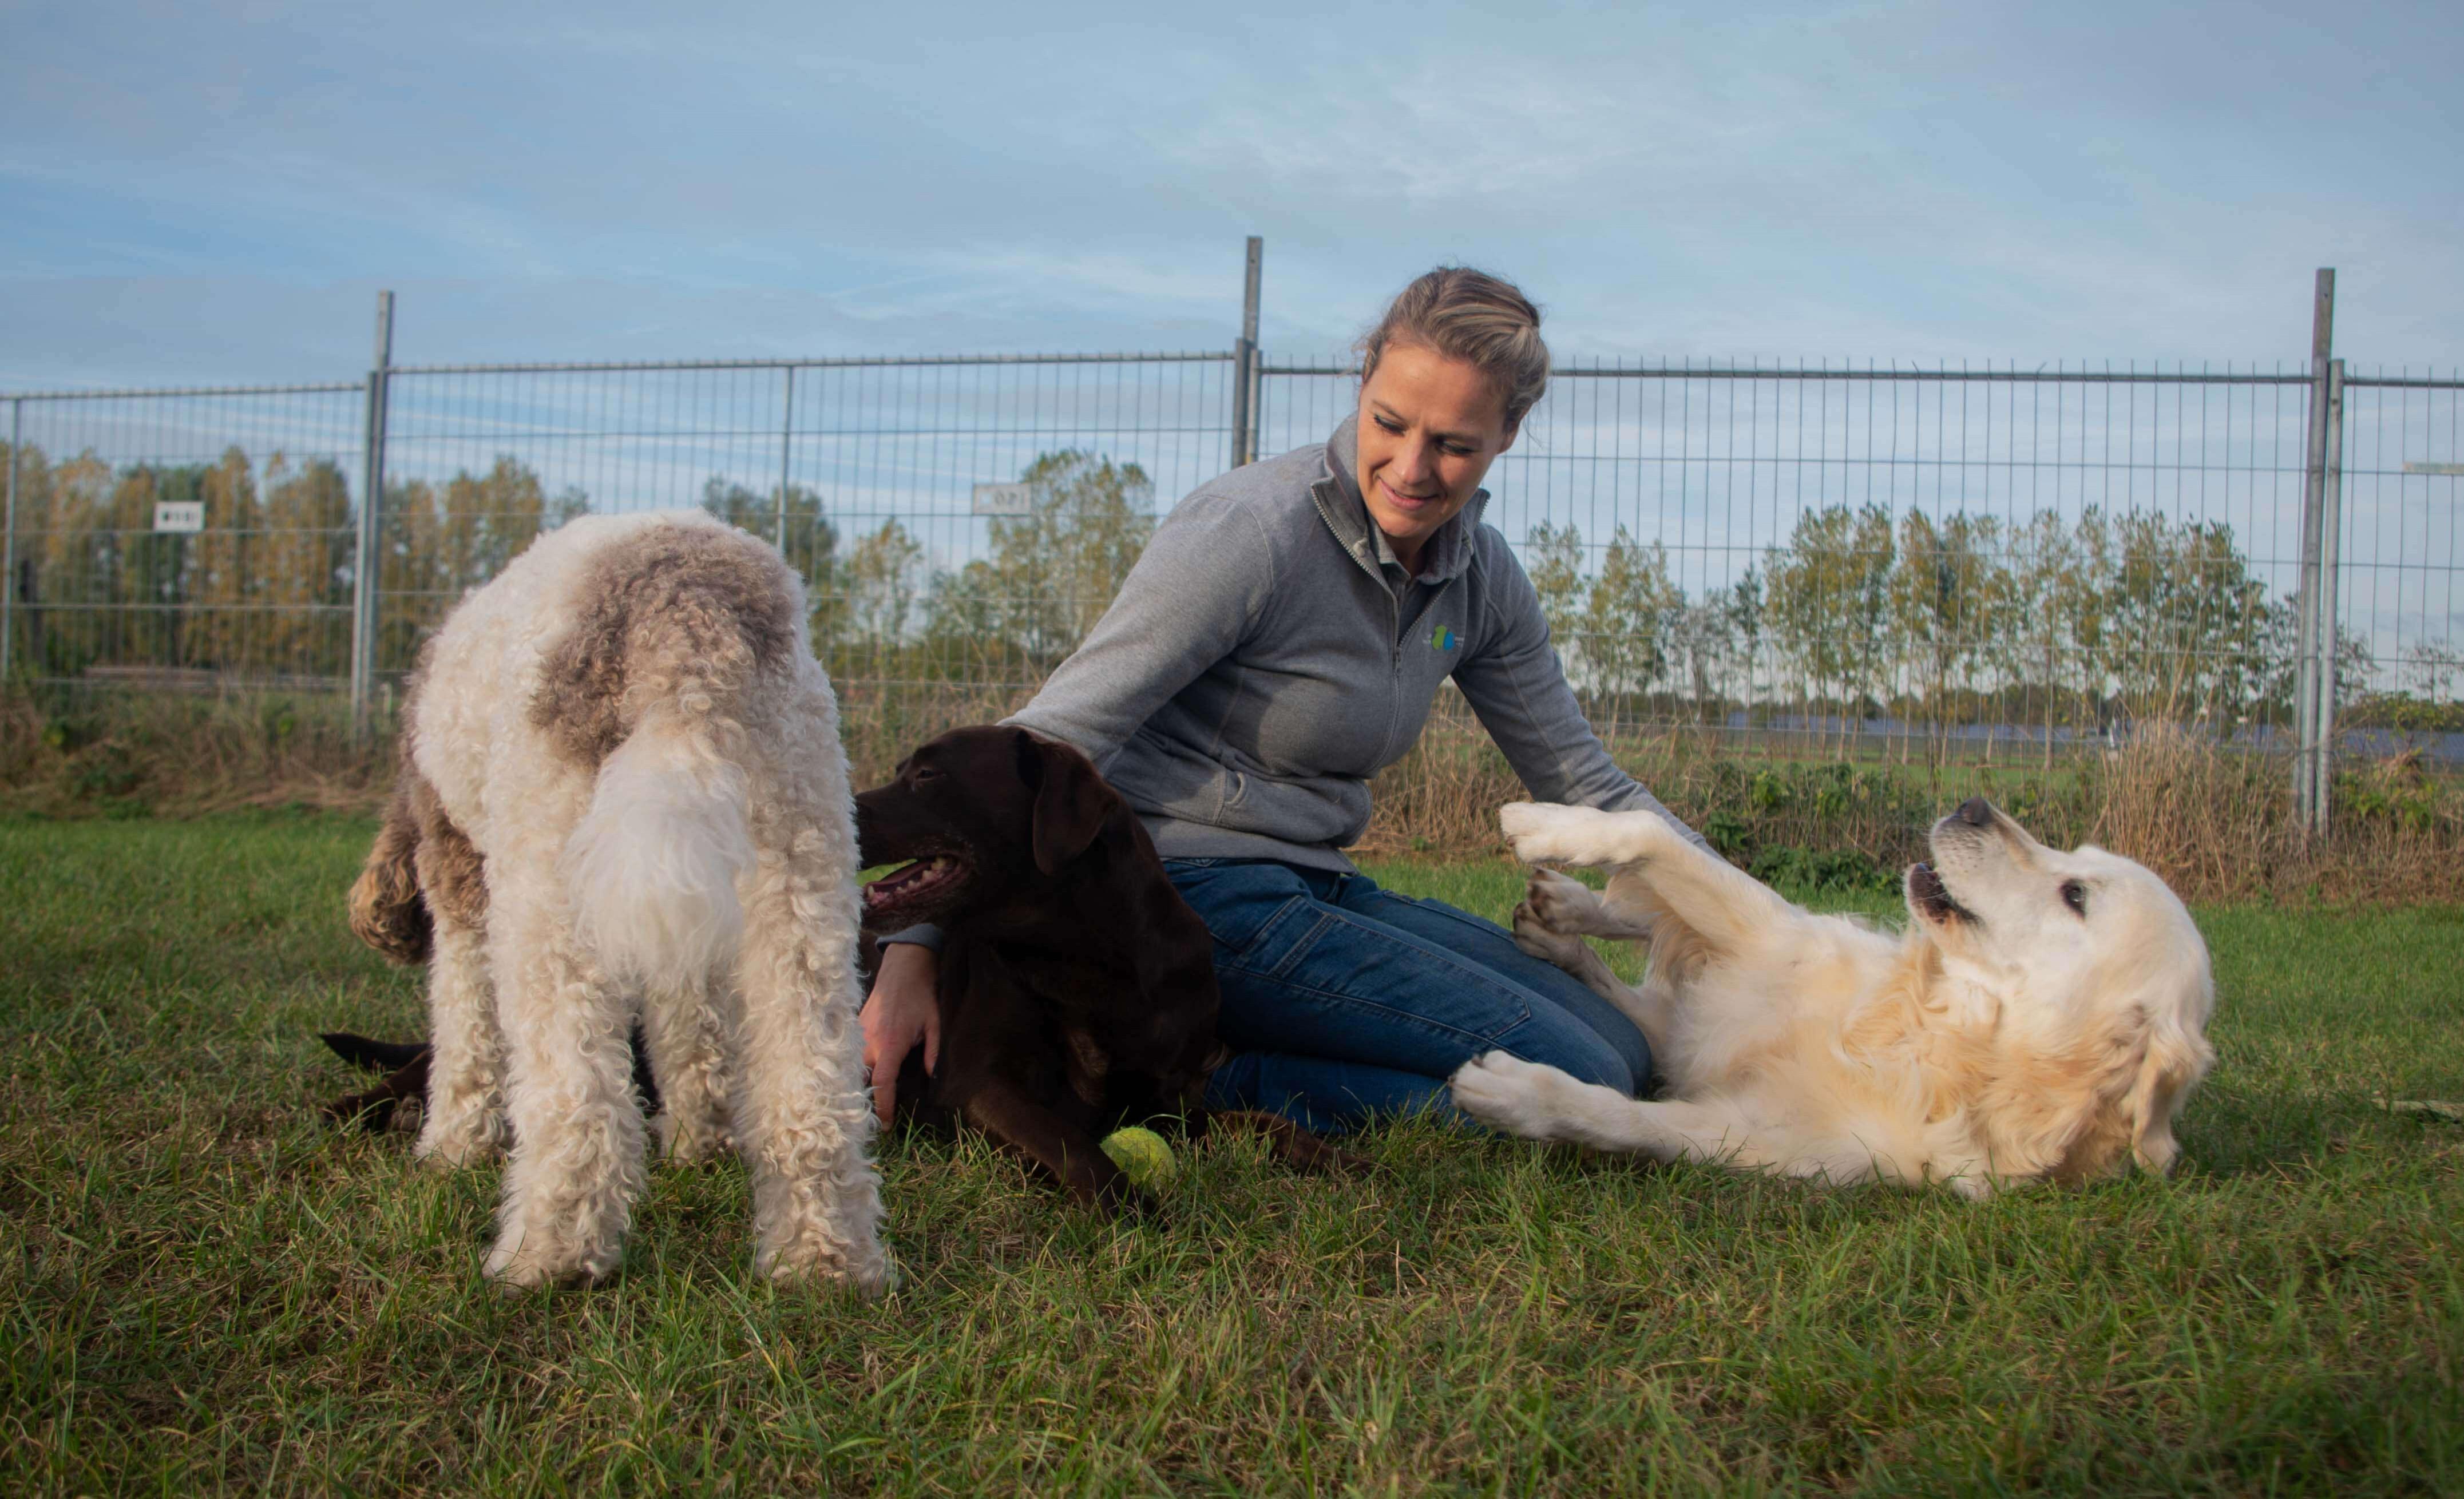 Vrouw die met honden speelt